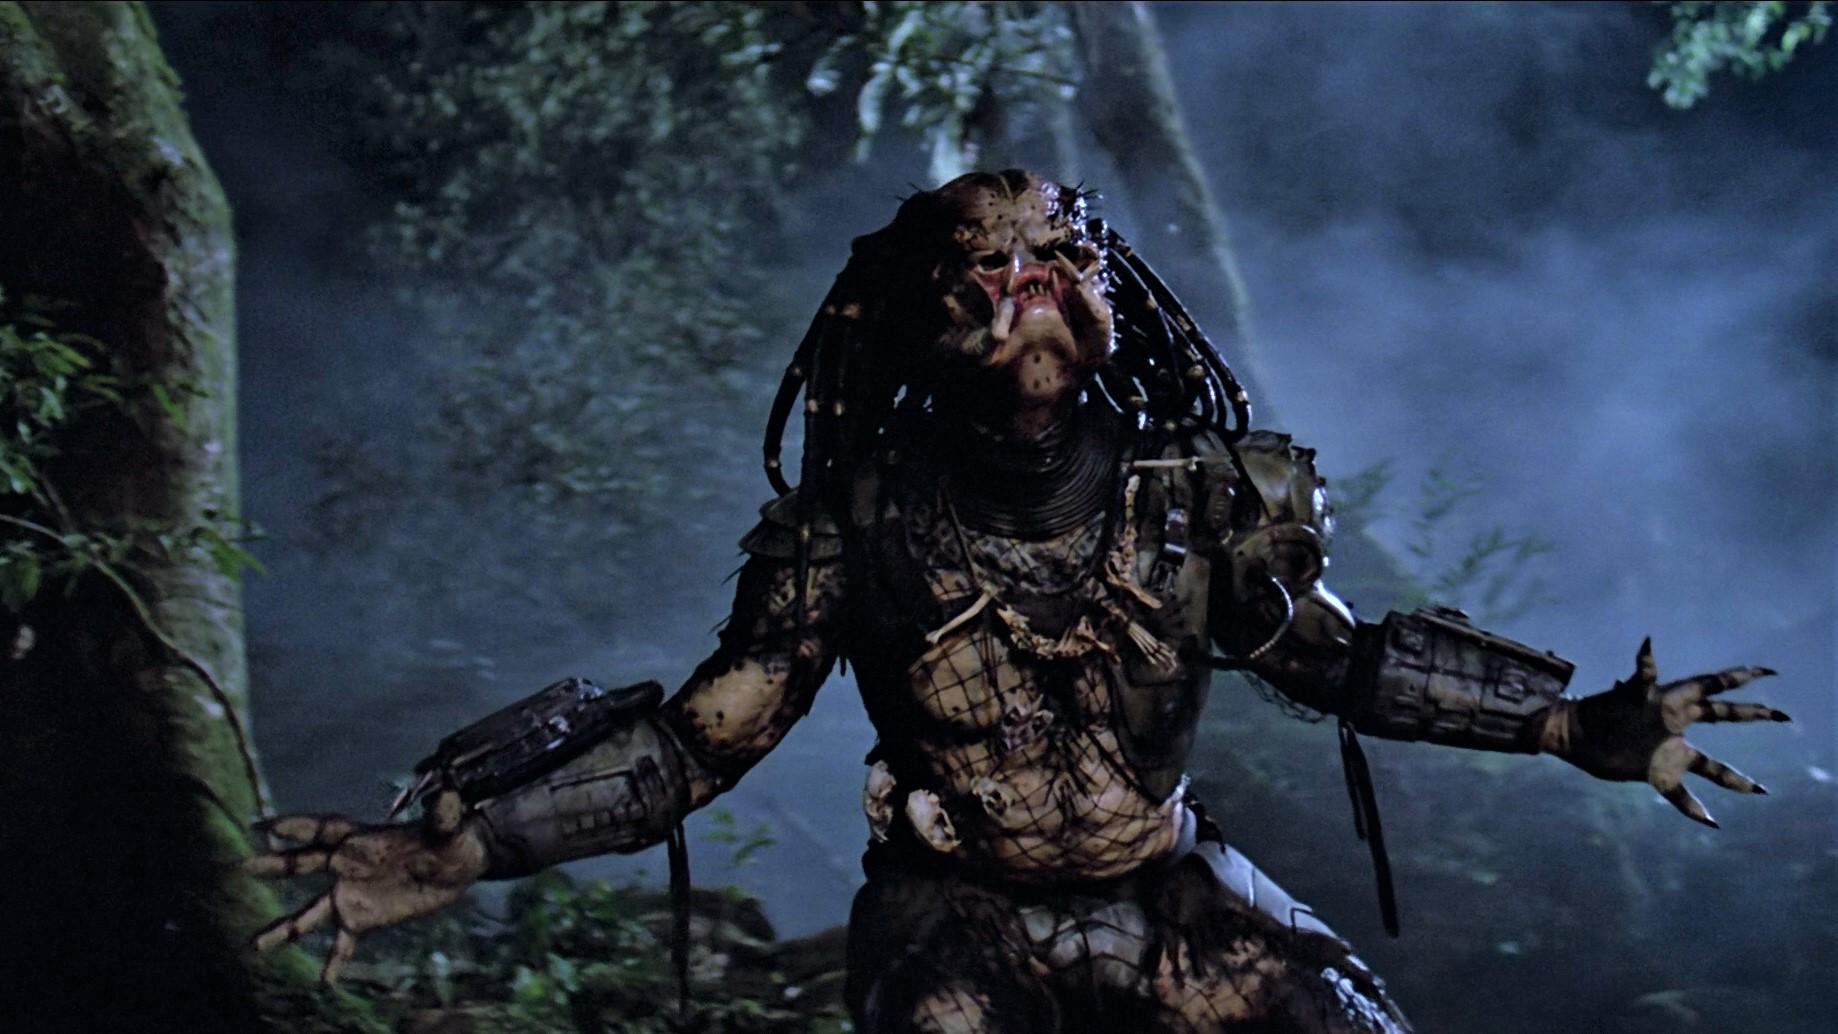 'The Predator' to Begin Filming in Two Weeks